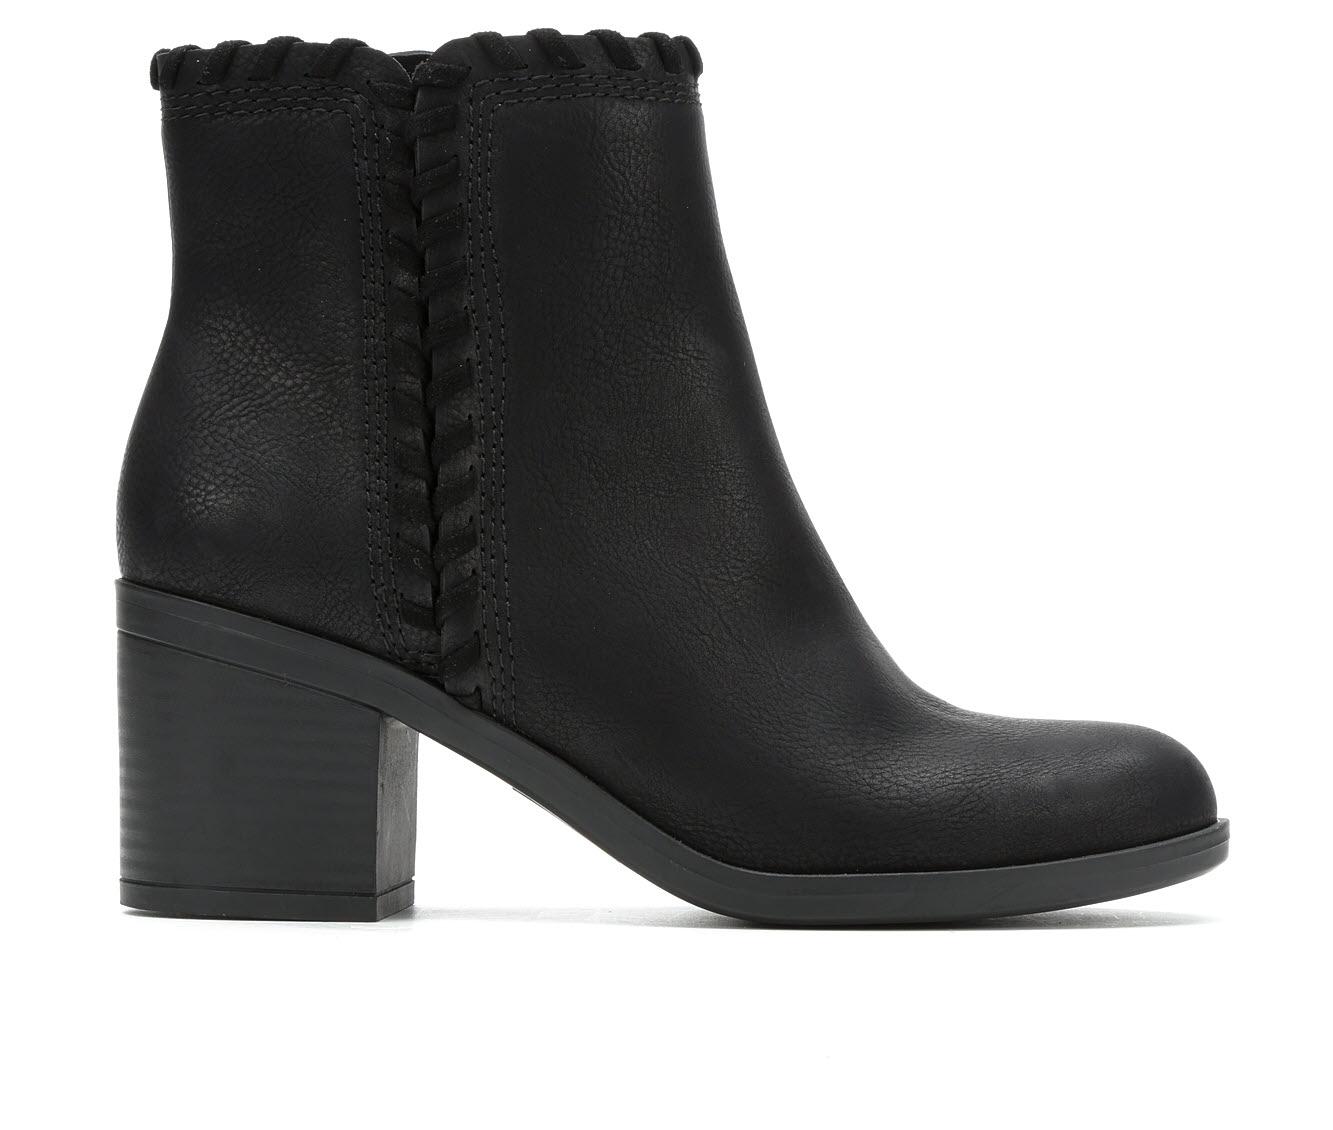 No Parking Faragh Women's Boots (Black - Faux Leather)